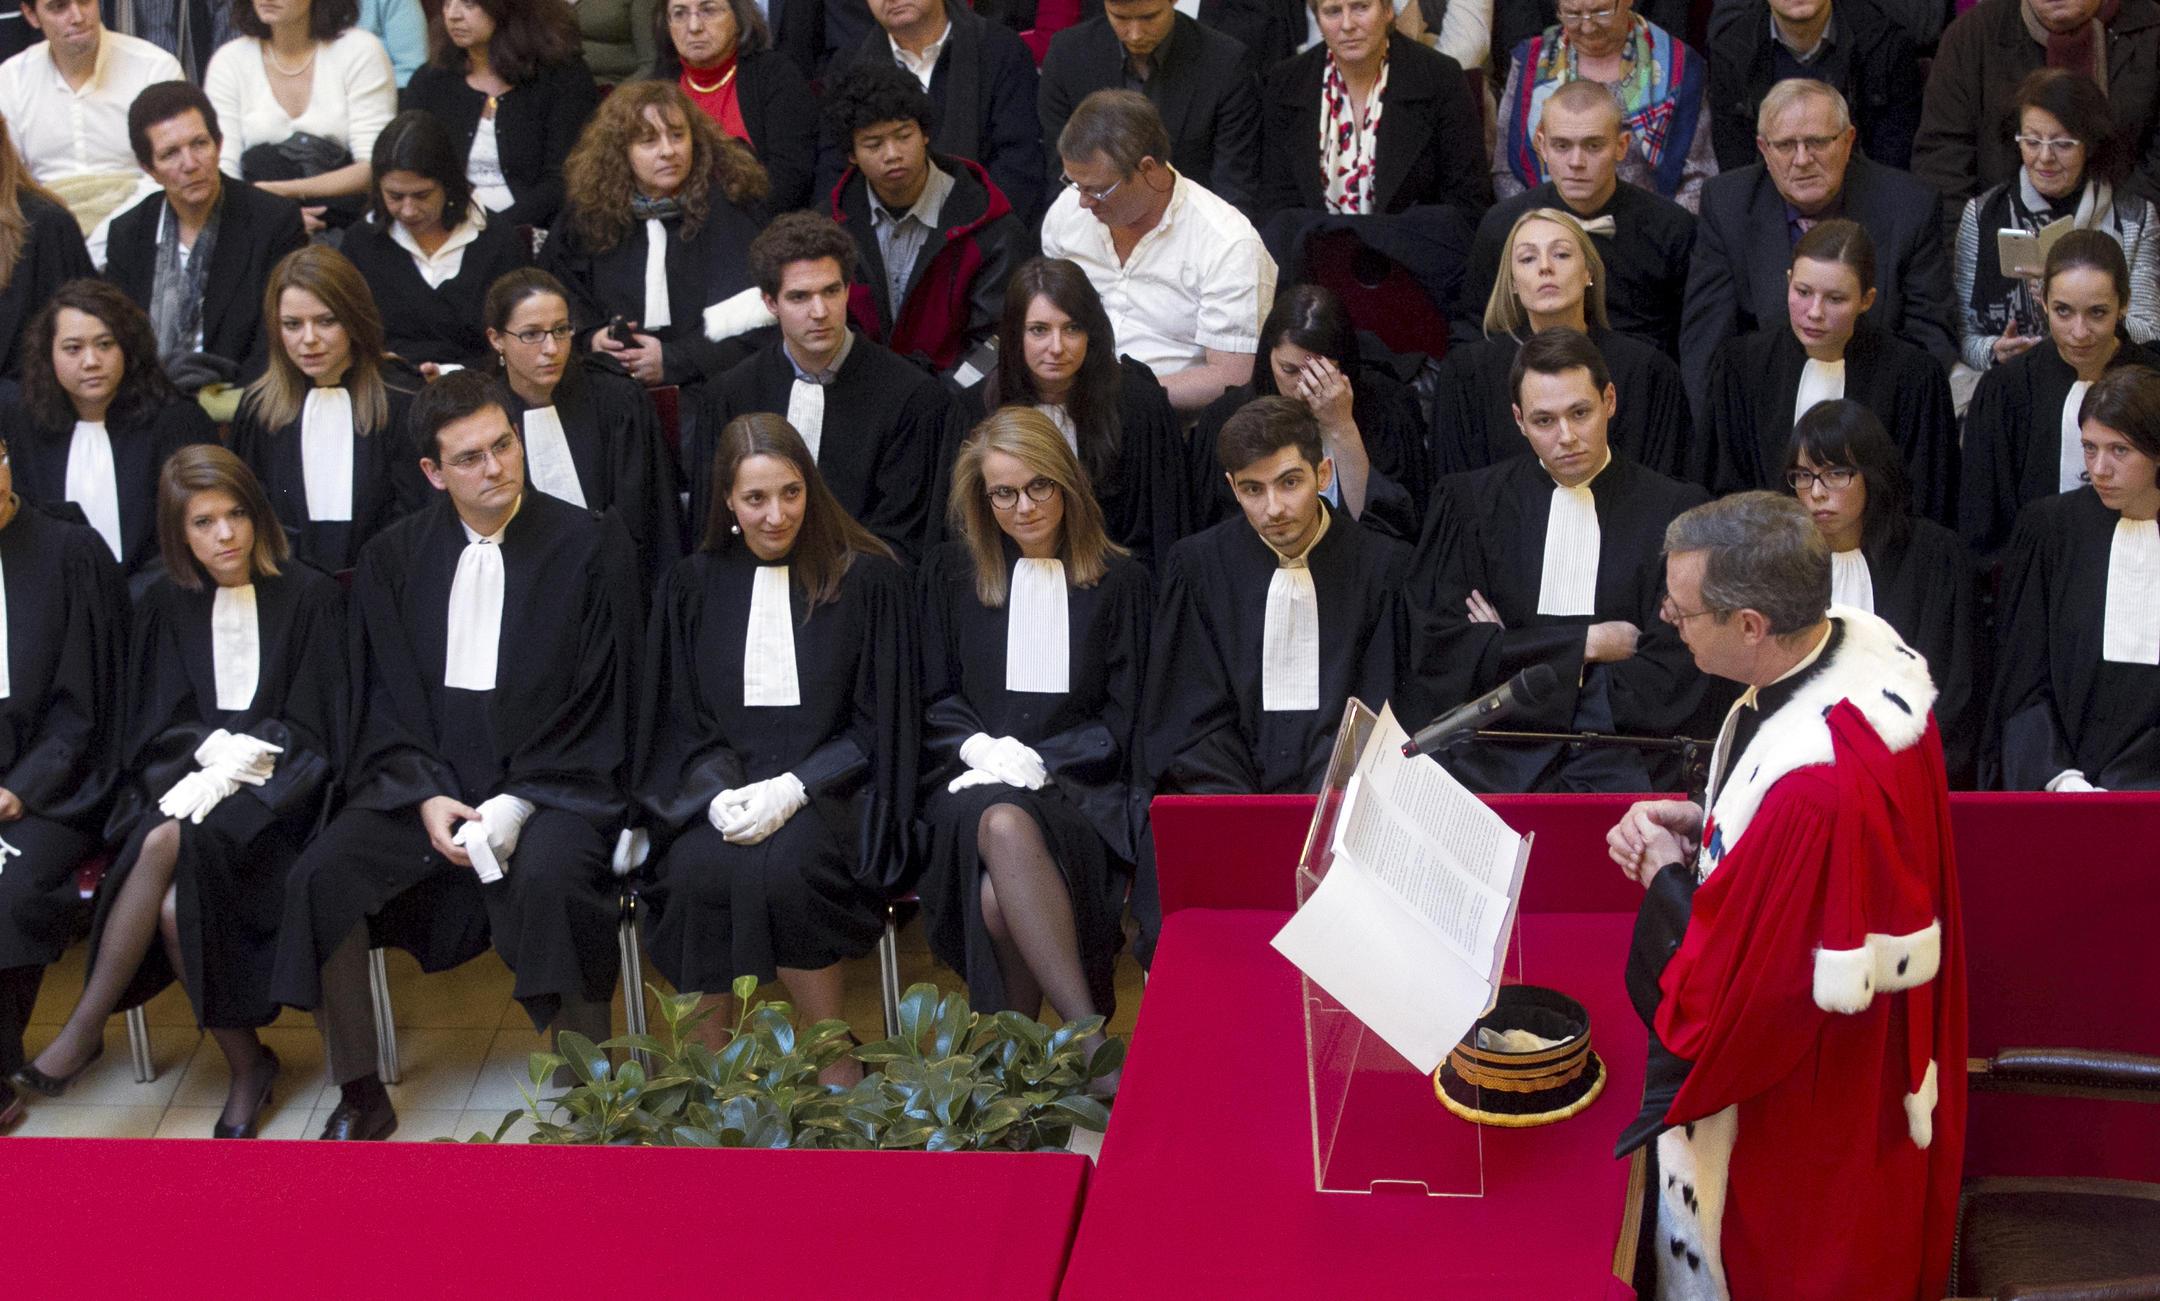 Serment des avocats devant la cour d'appel de Colmar.